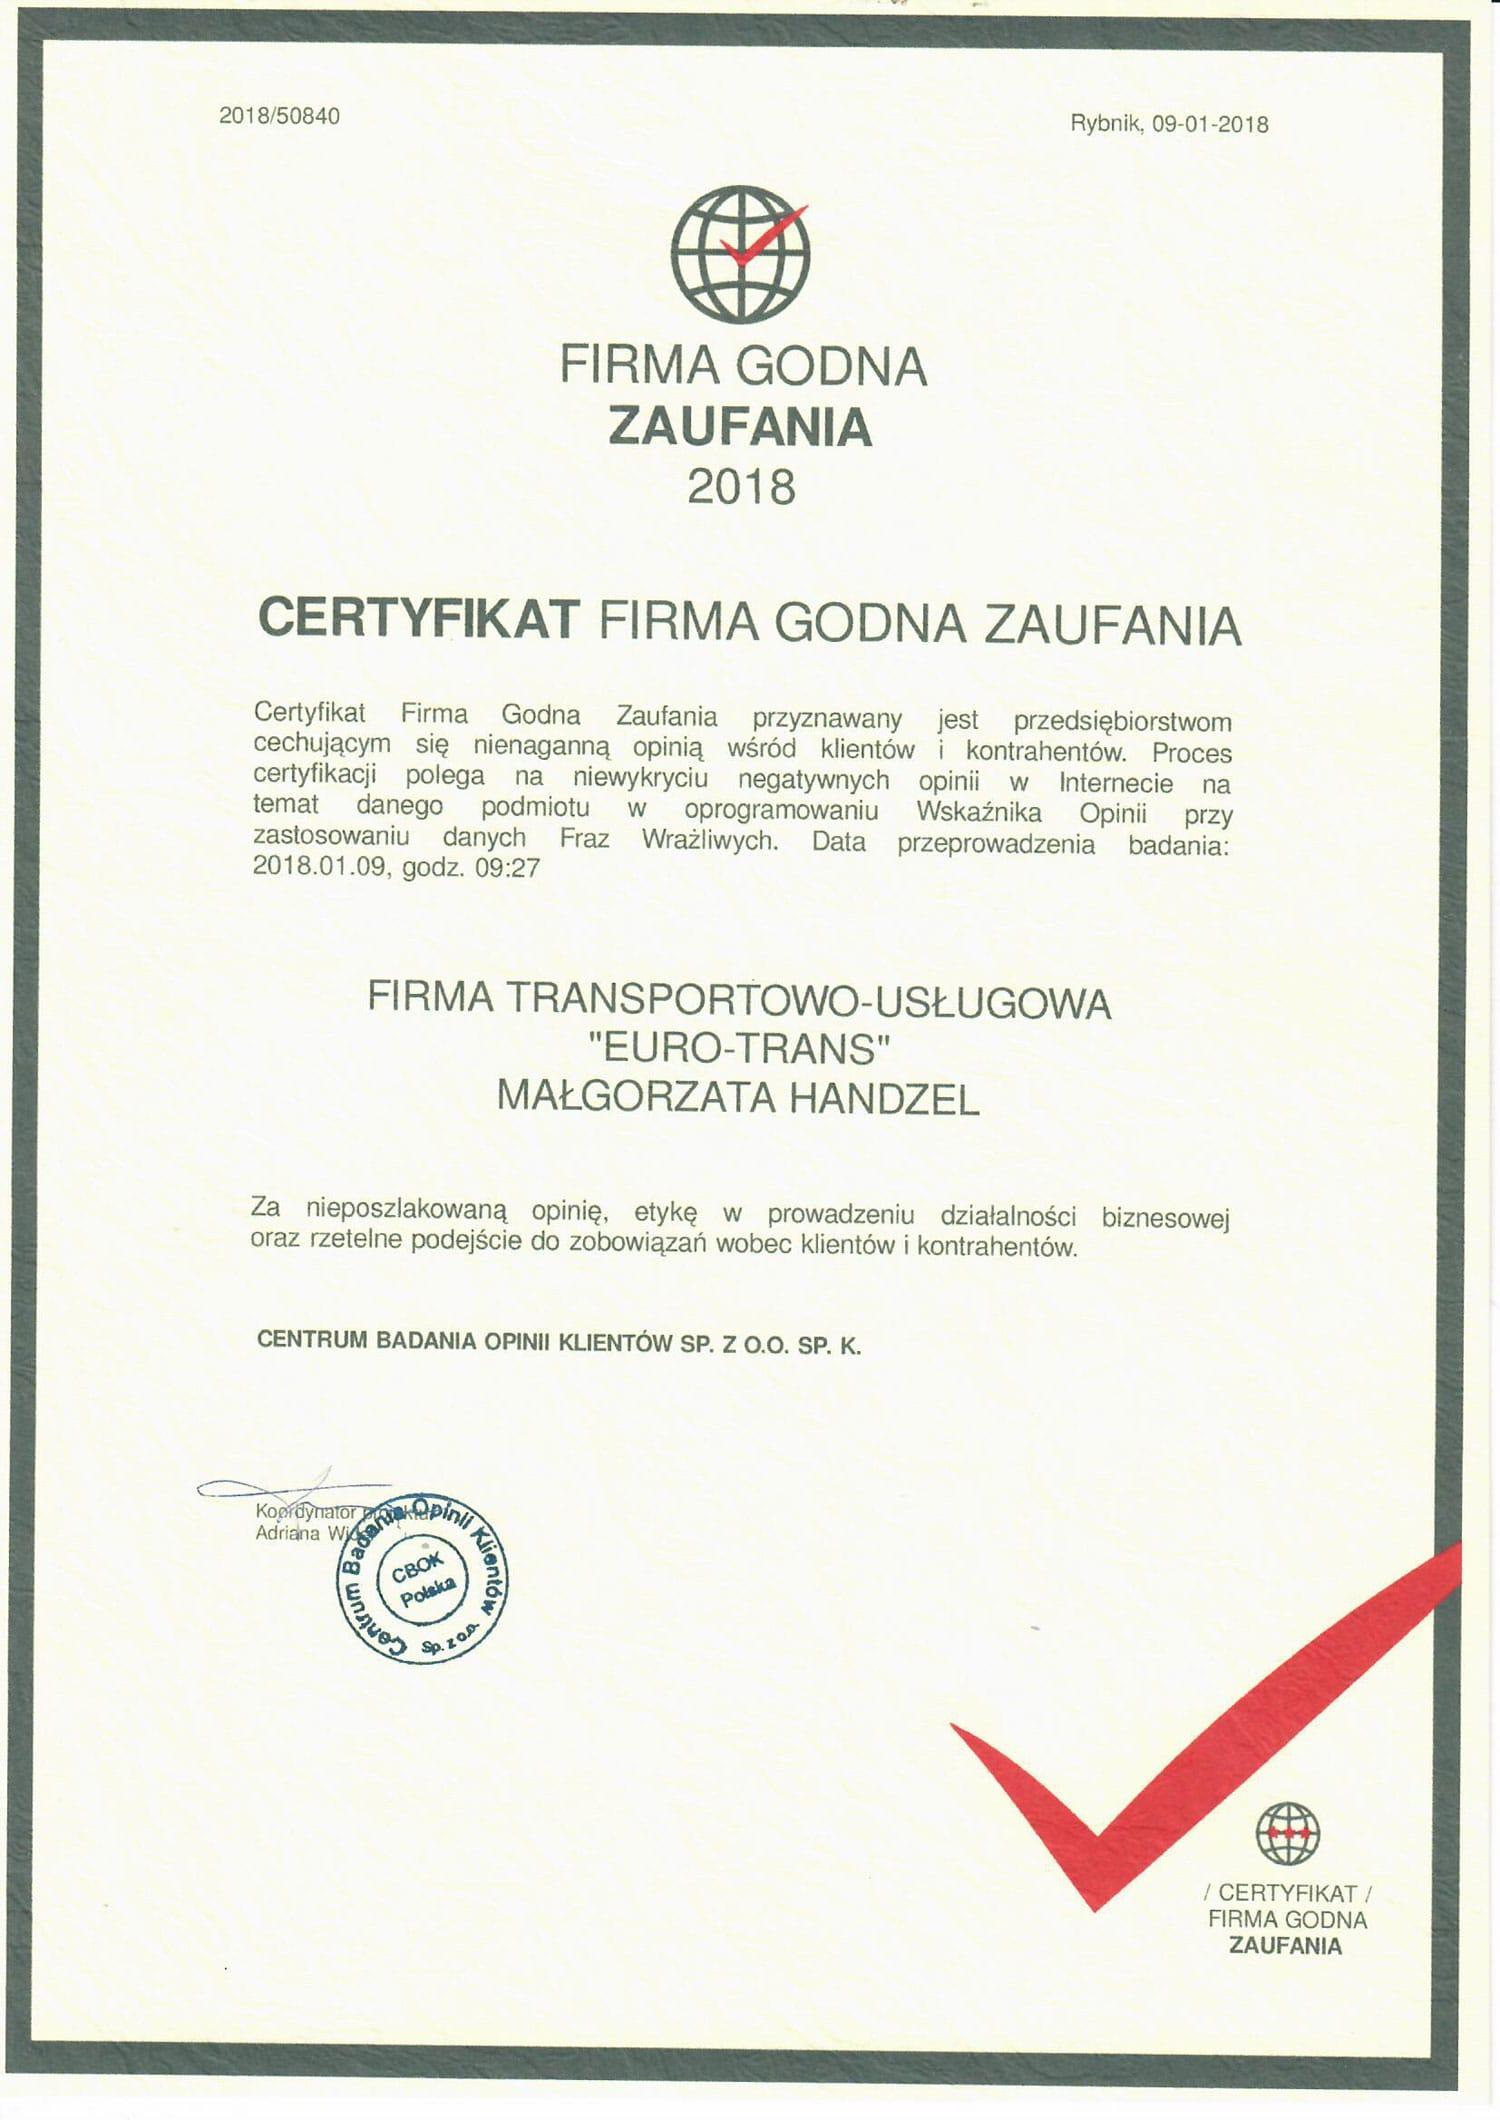 https://spedycja-handzel.pl/images/certyfikaty/1-min.jpg